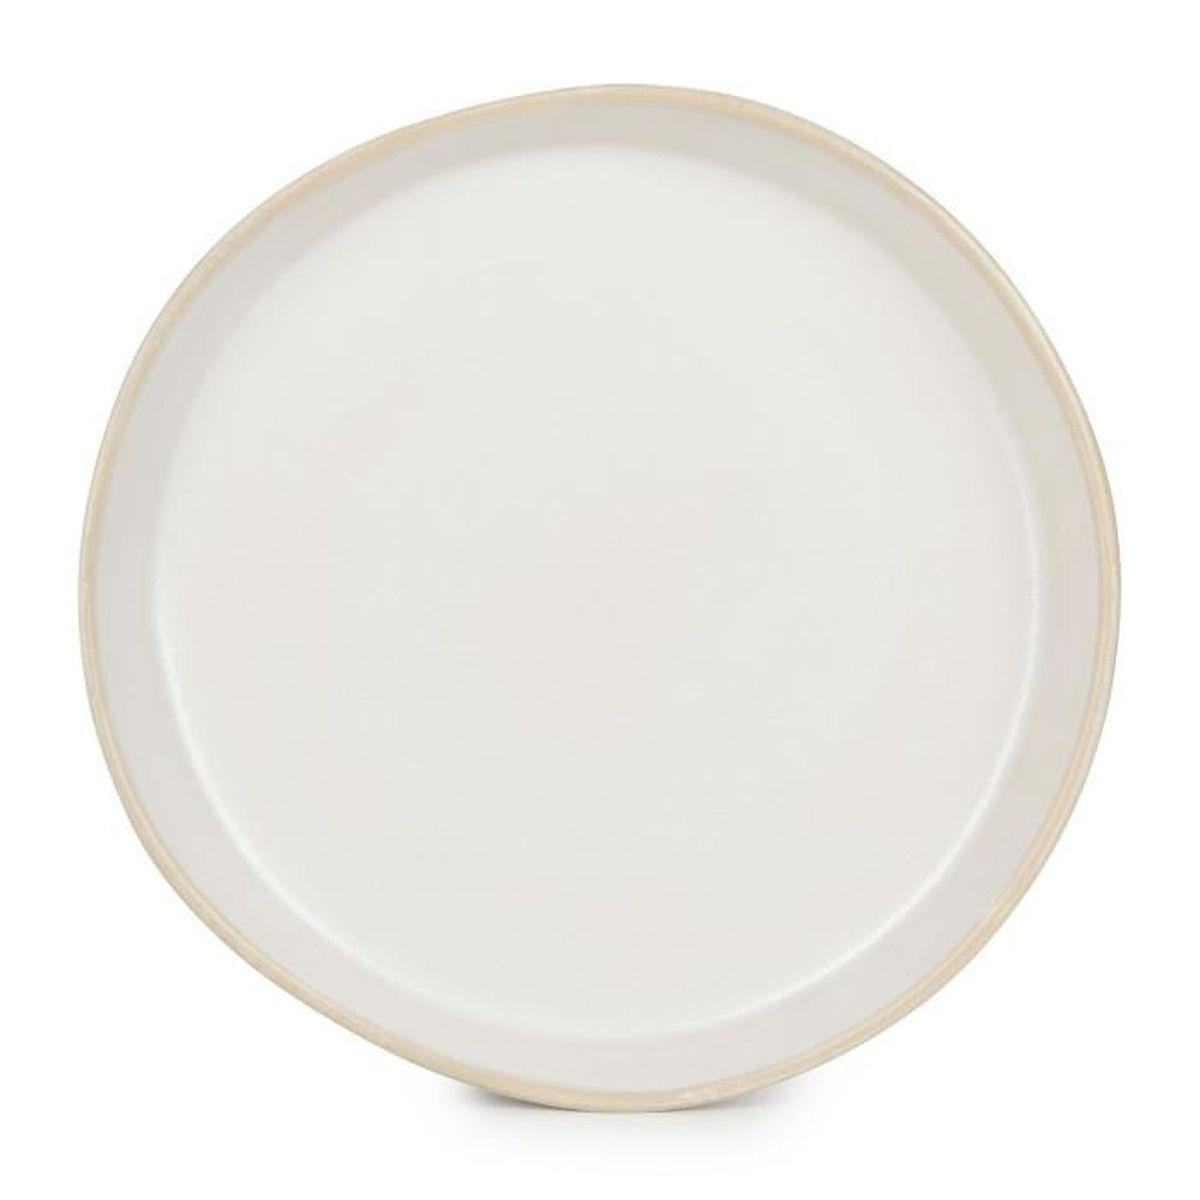 Gamra assiette dessert en fa ence blanche d20cm achat for Achat faience